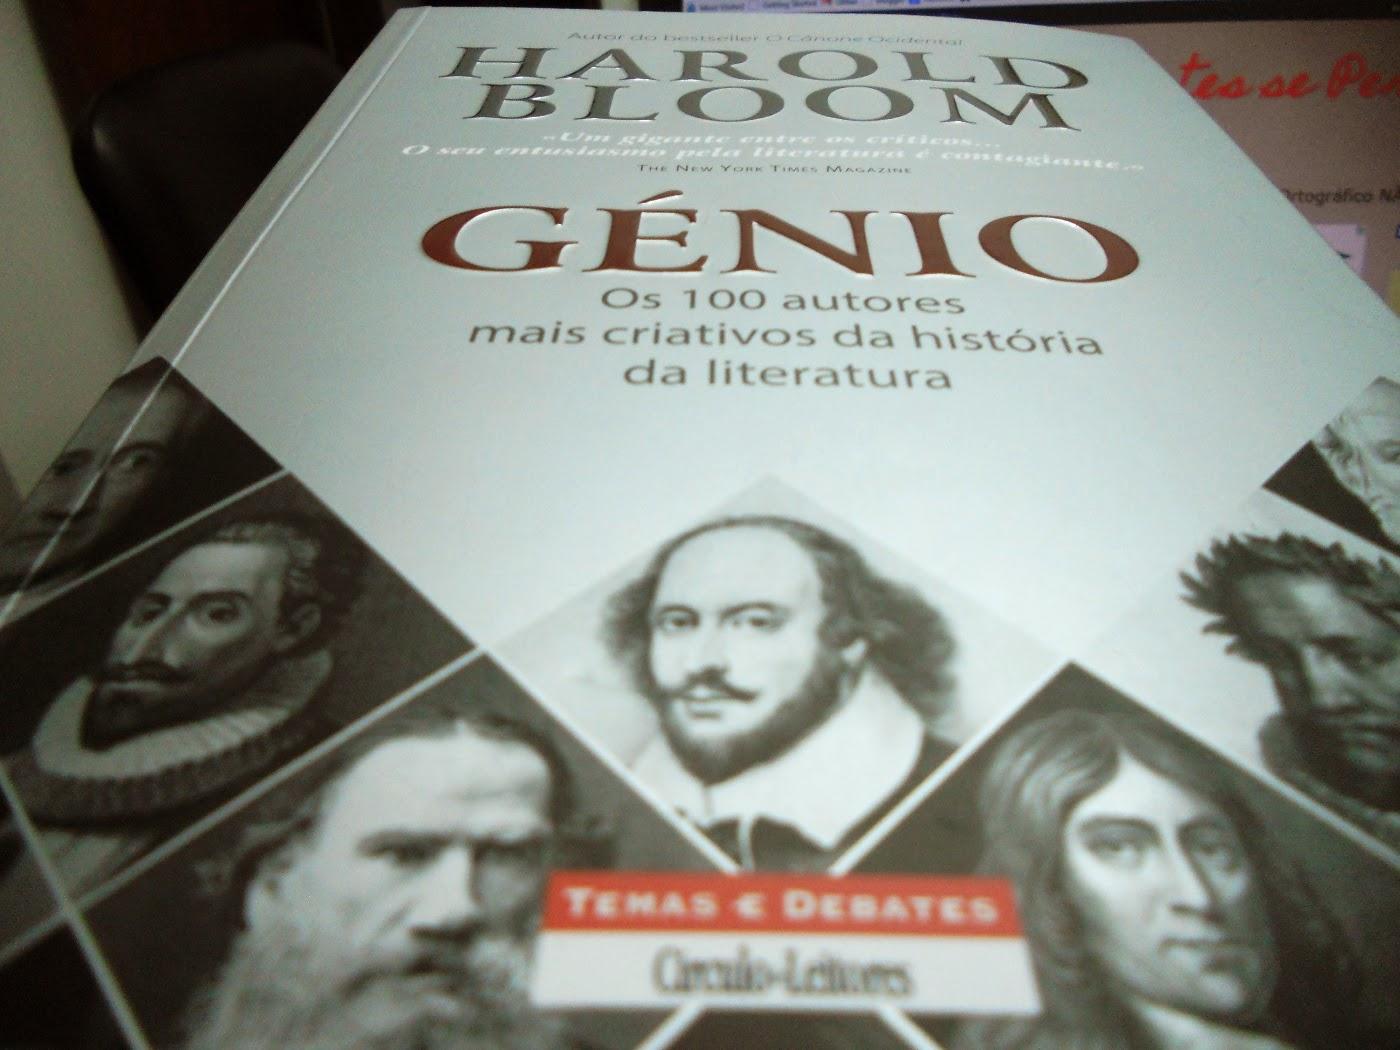 Génio, Harold Bloom, Os 100 autores mais criativos da história da literatura